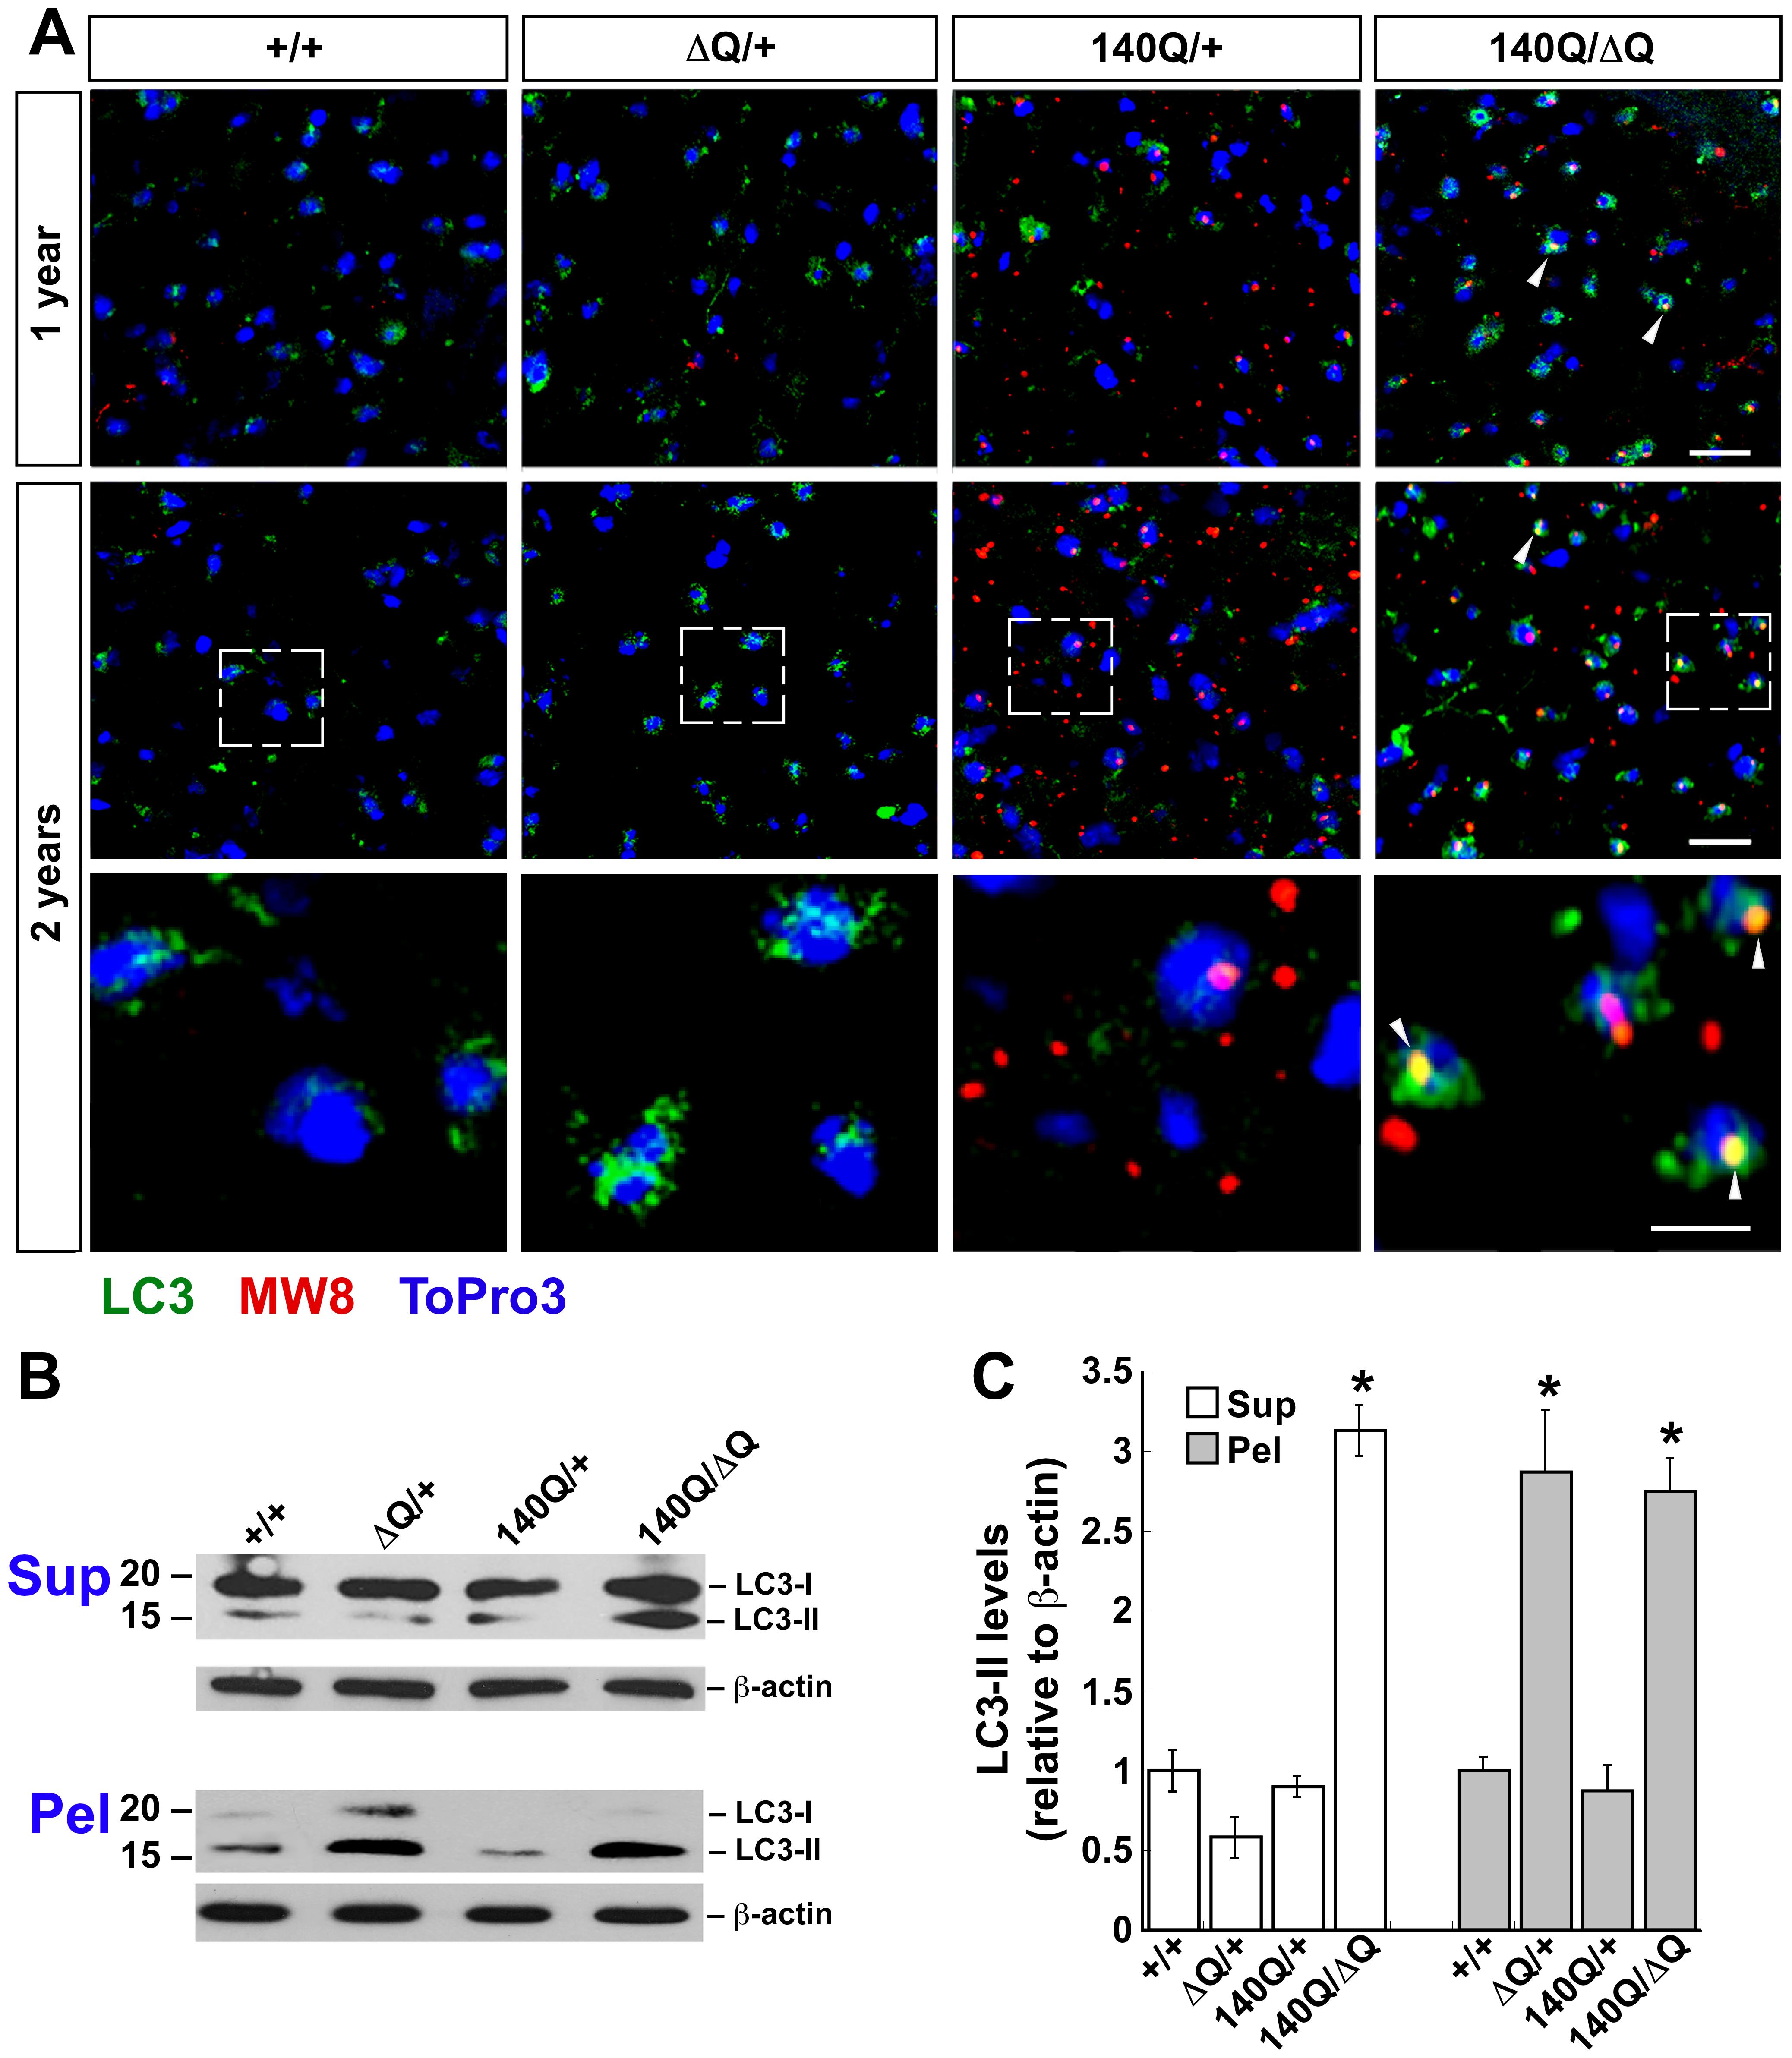 ΔQ-htt expression in mice enhances LC3 immunostaining and LC3-II steady-state levels.